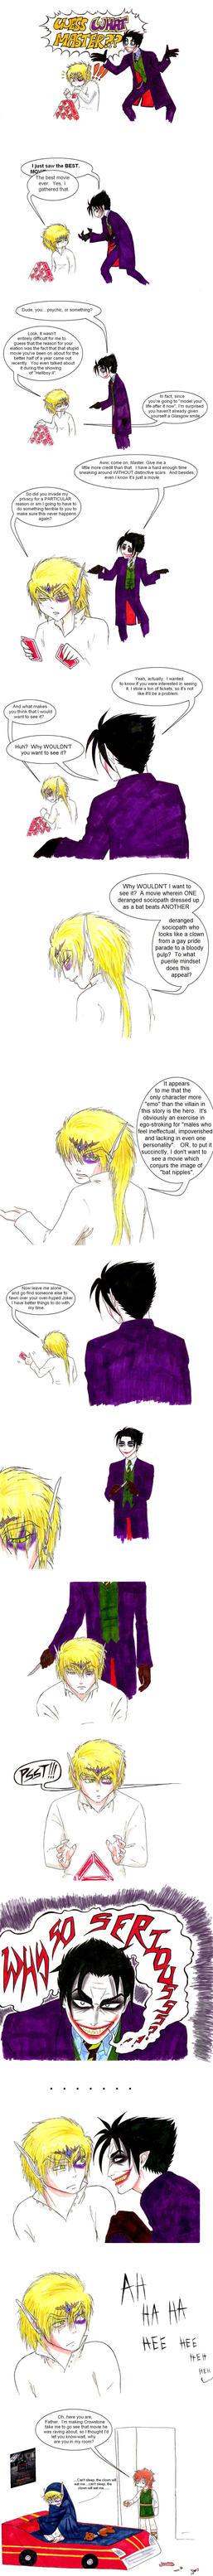 I Heart the Dark Knight? by UsagiTenshi